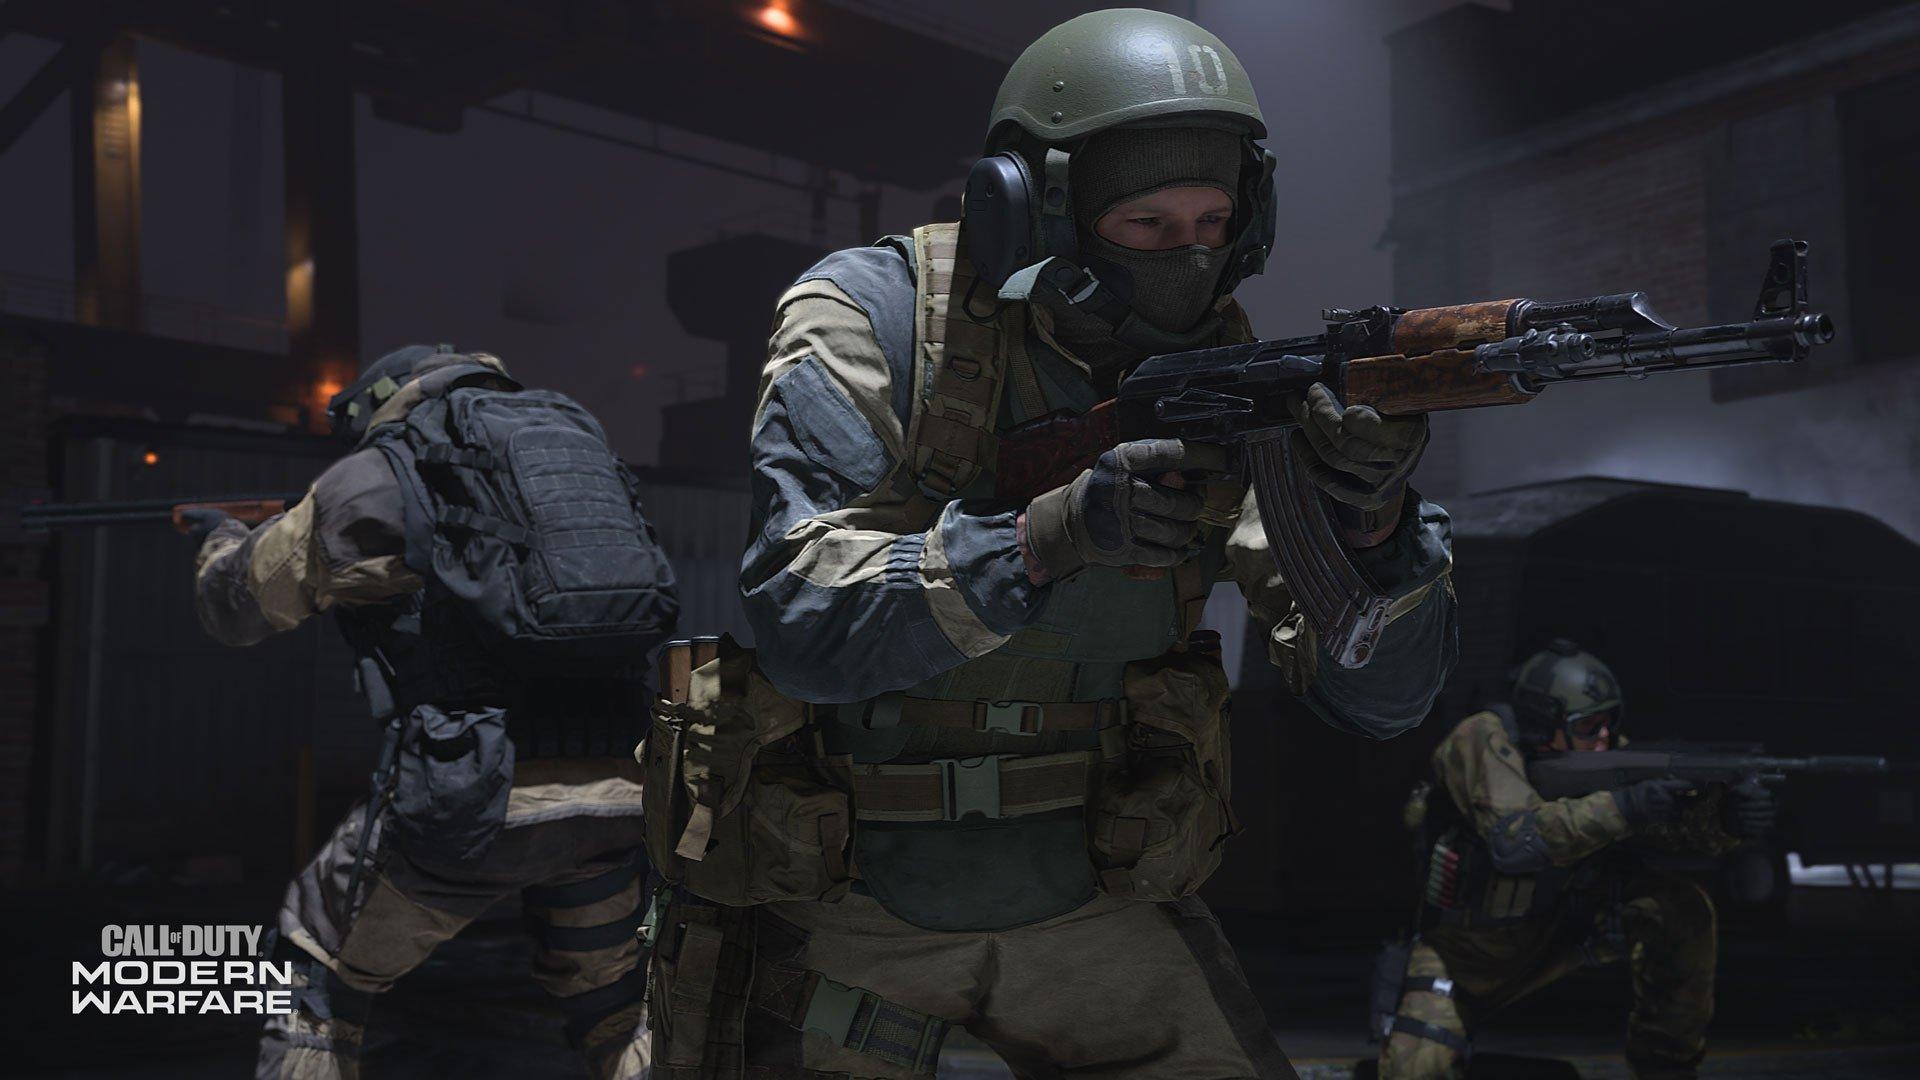 Um bug em Call of Duty: Modern Warfare está fazendo que as opções da loja sejam rotuladas incorretamente resultando em compras acidentais.